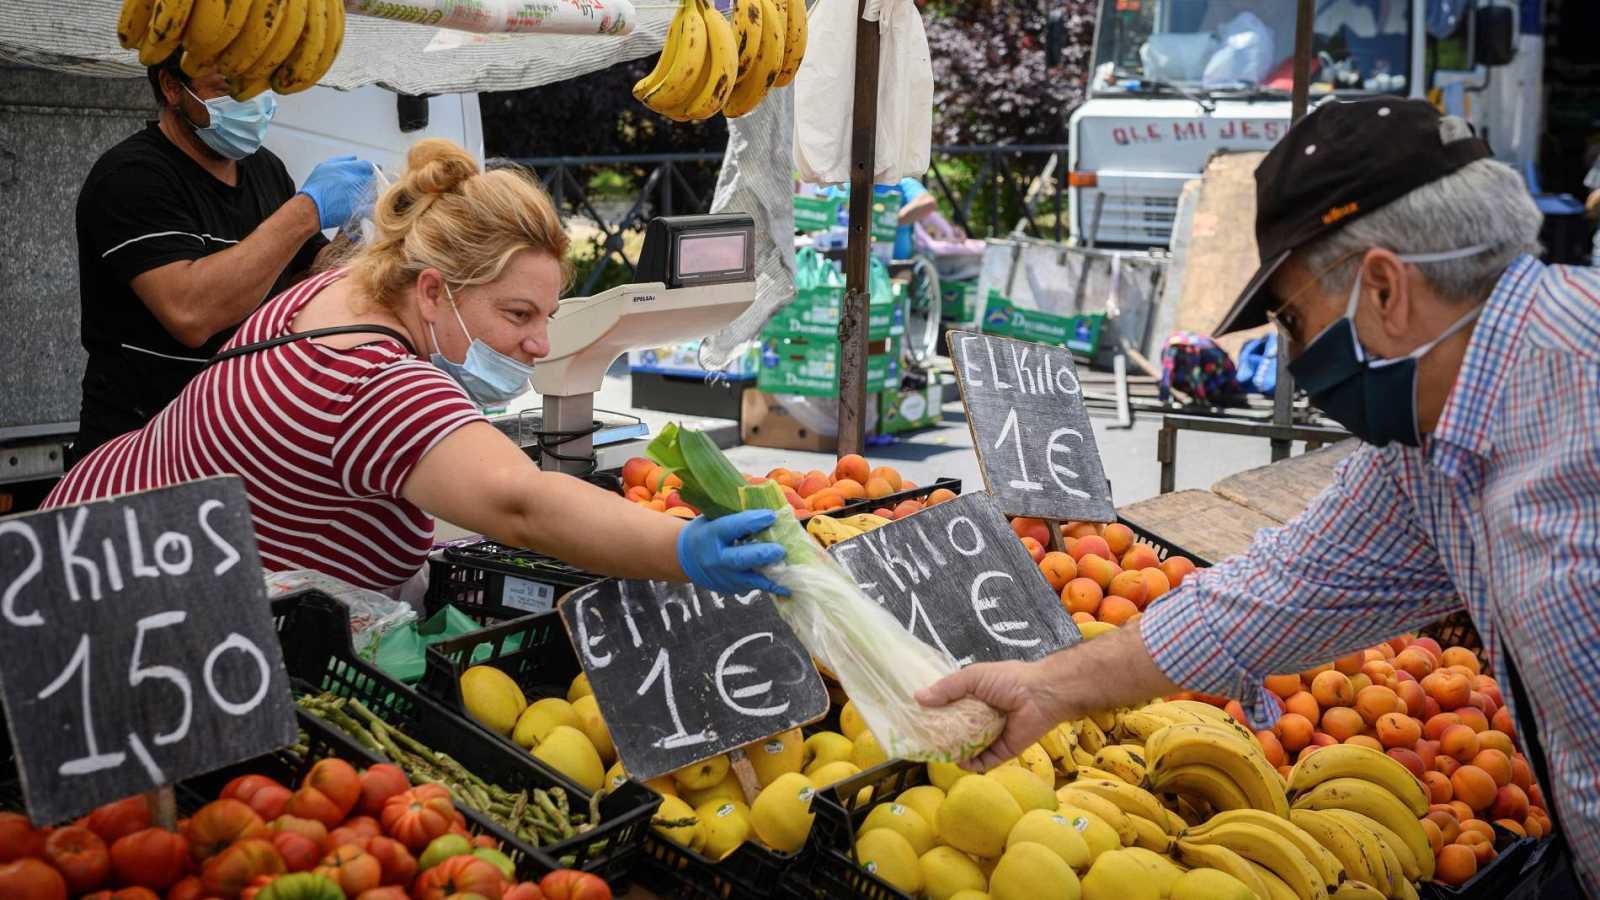 El comercio de proximidad, en locales y mercadillos, aumenta durante el confinamiento